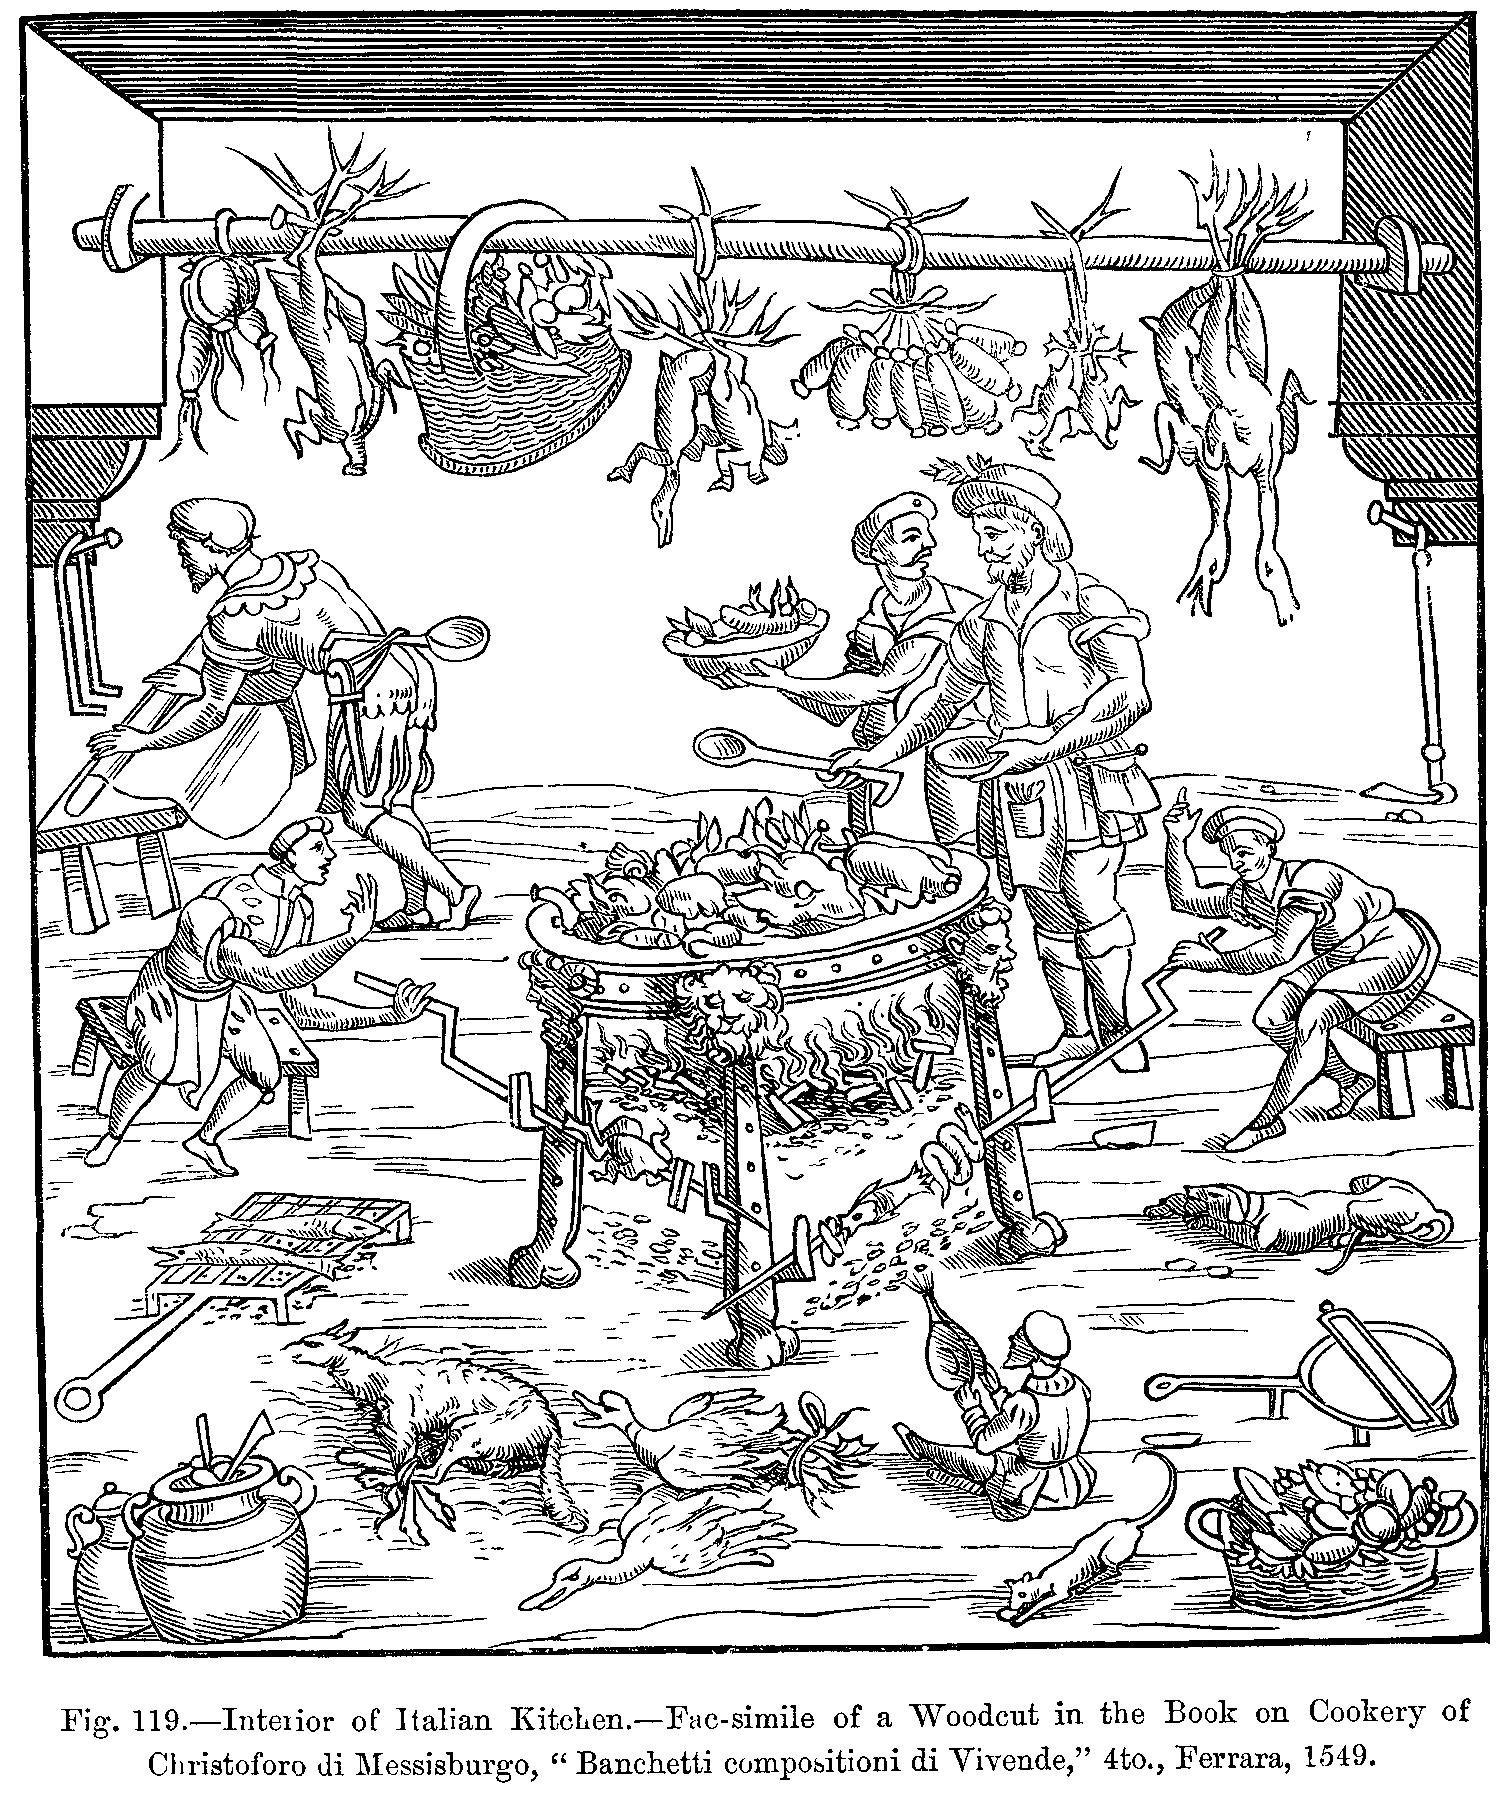 Dal libro di cucina di Cristoforo da Messisbugo - La Cucina ferrarese